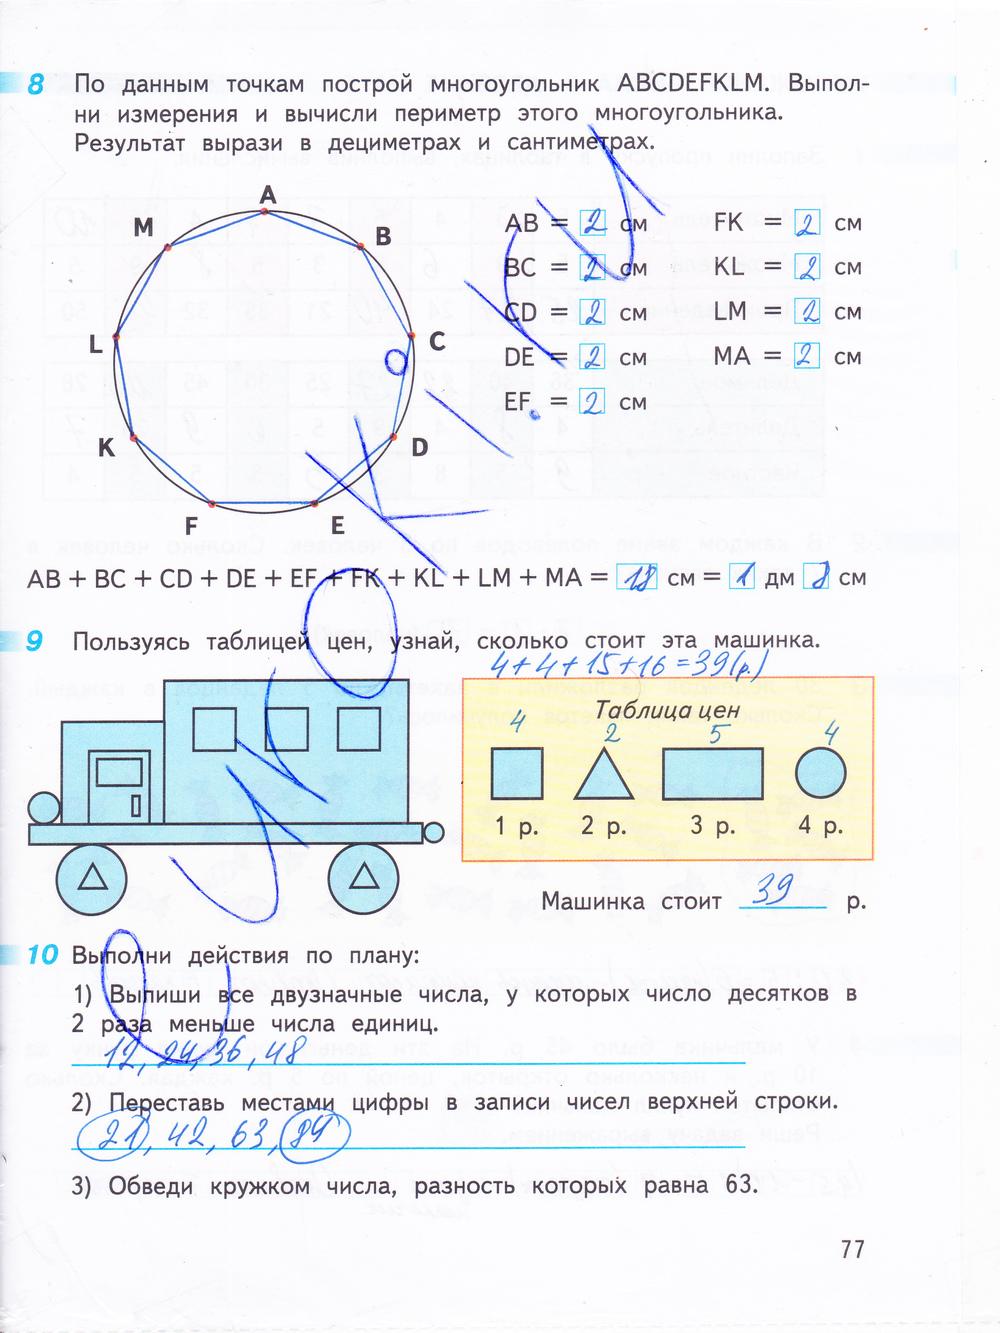 решебник по математике раб тетр 4 класс дорофеев бука